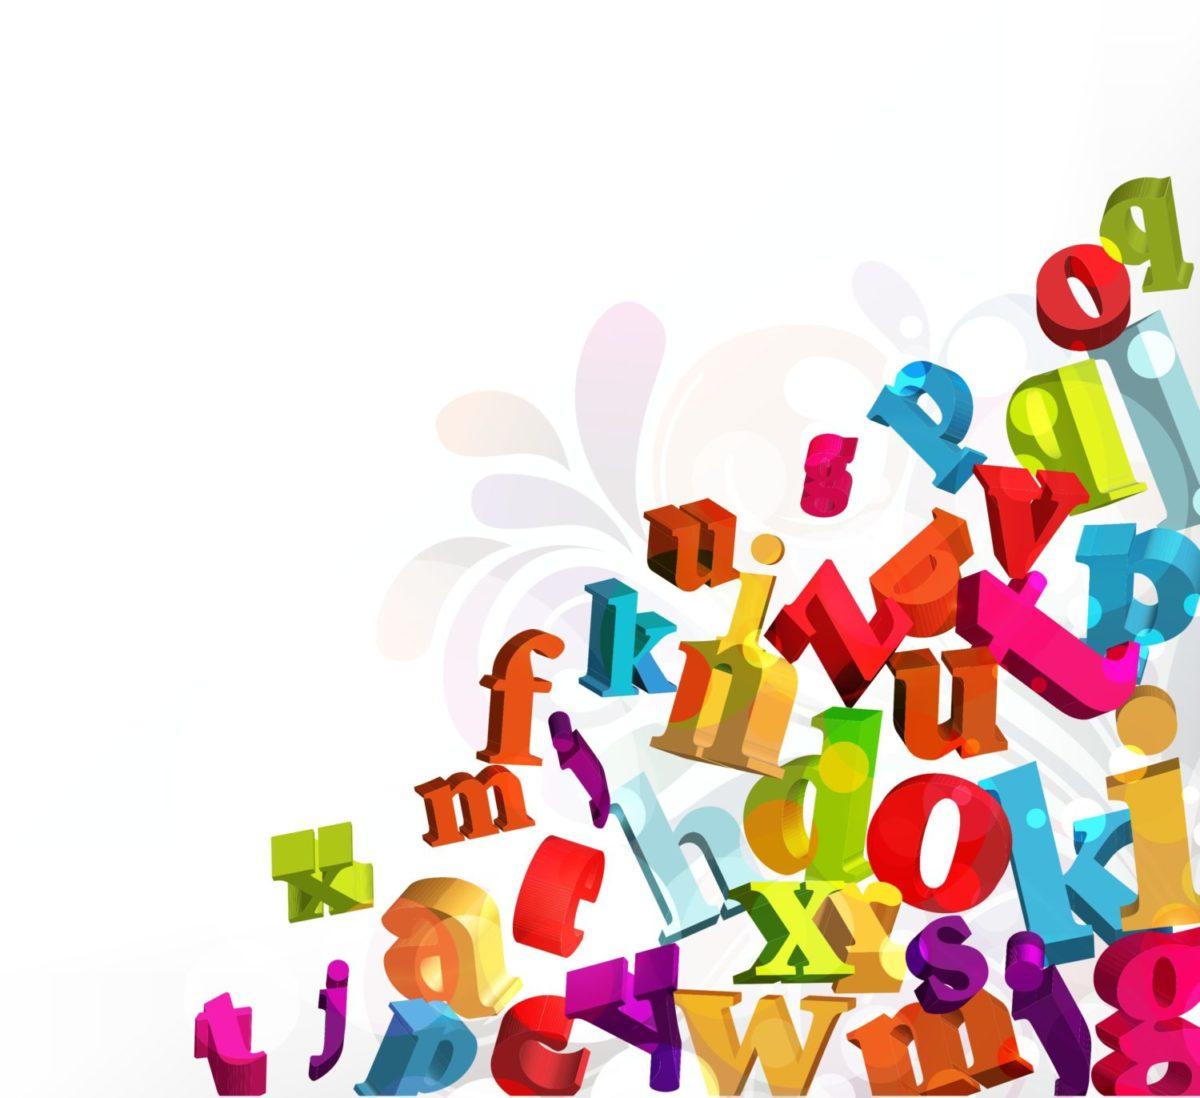 Šta ime otkriva: Otkrijte šta prvo slovo govori o karakteru